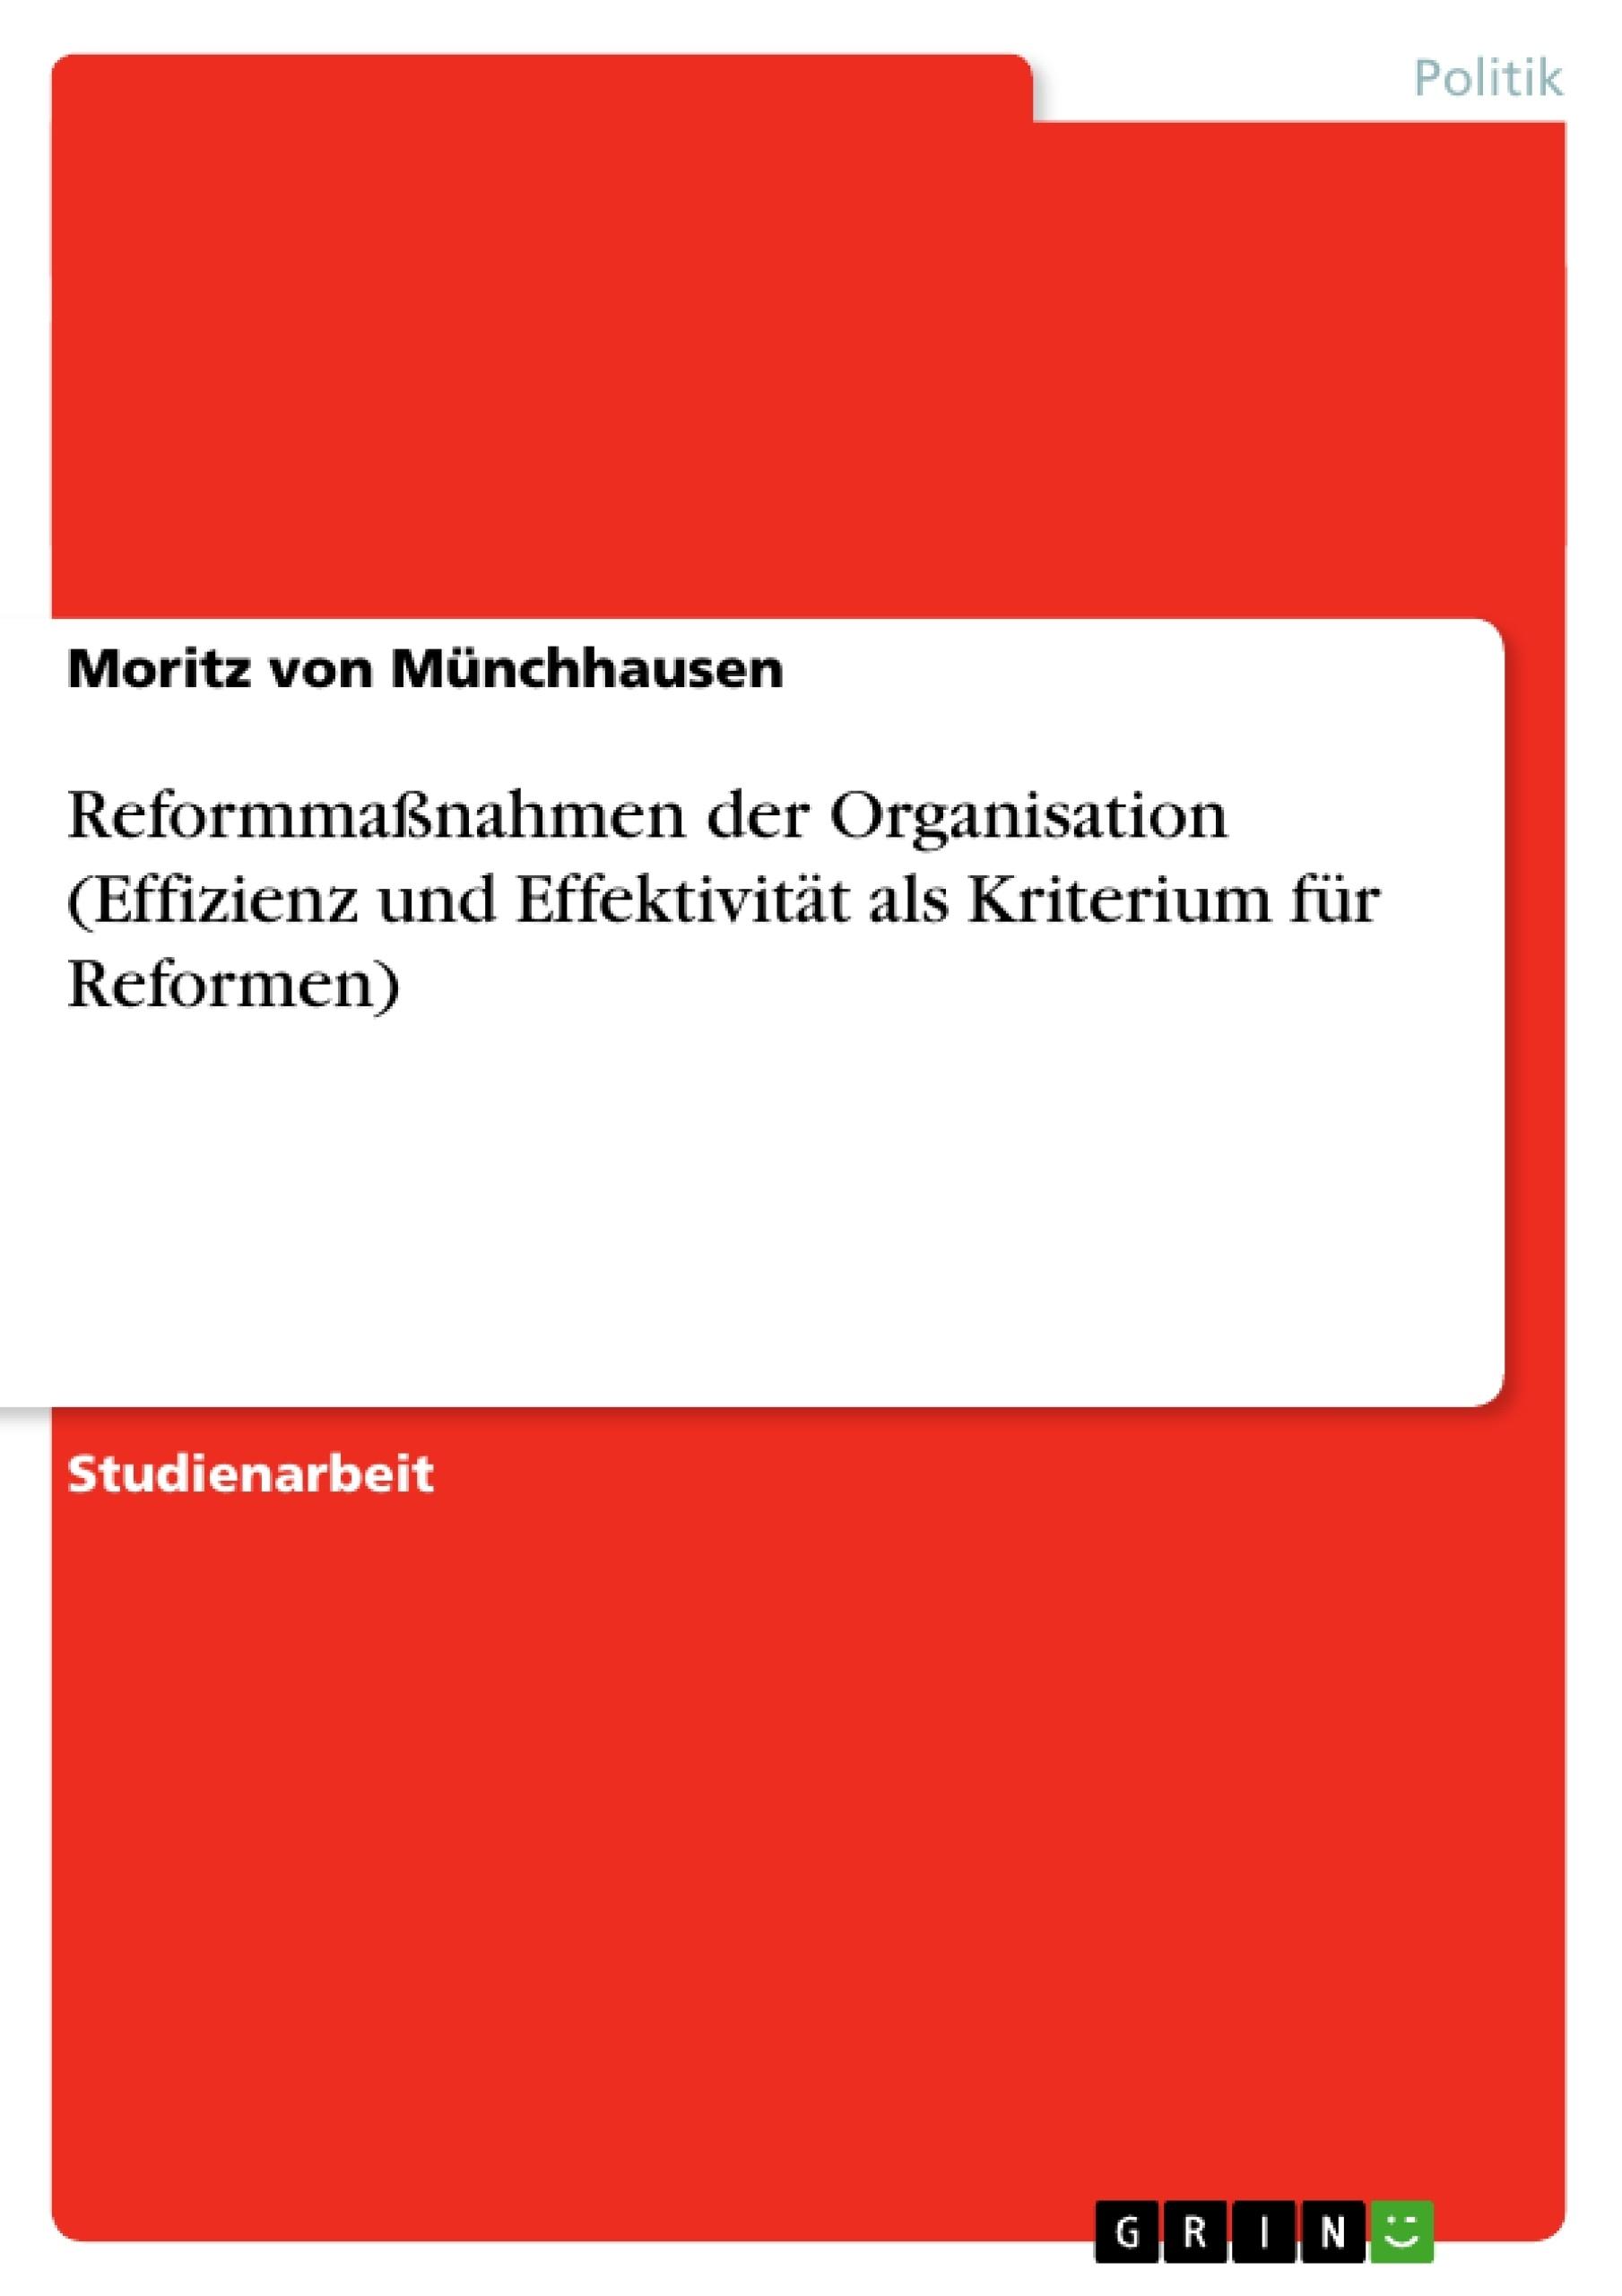 Titel: Reformmaßnahmen der Organisation (Effizienz und Effektivität als Kriterium für Reformen)